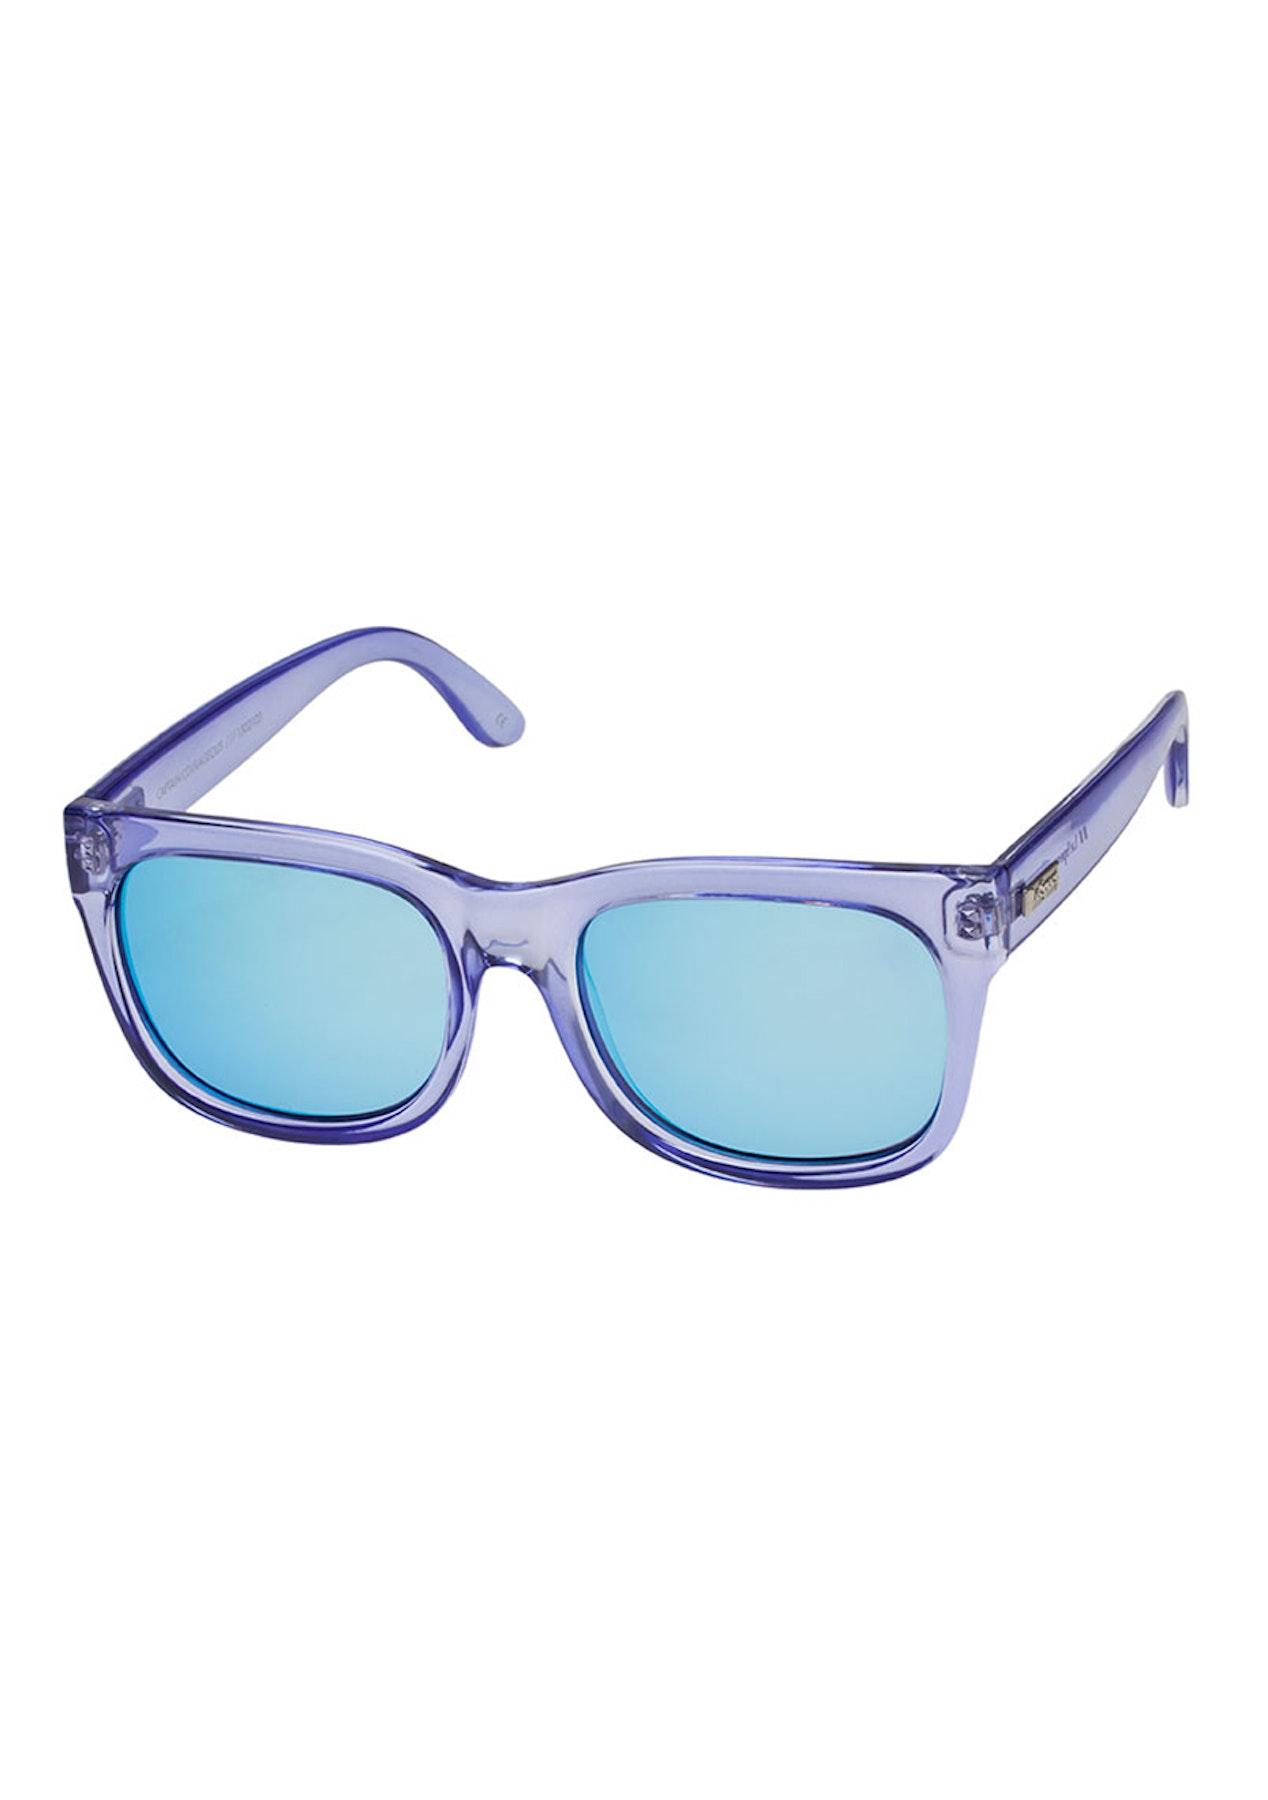 e706b64159b714 Le Specs - Captain Courageous 1502103 - Glacier Ice Blue Revo Mirror - Le  Specs - Onceit